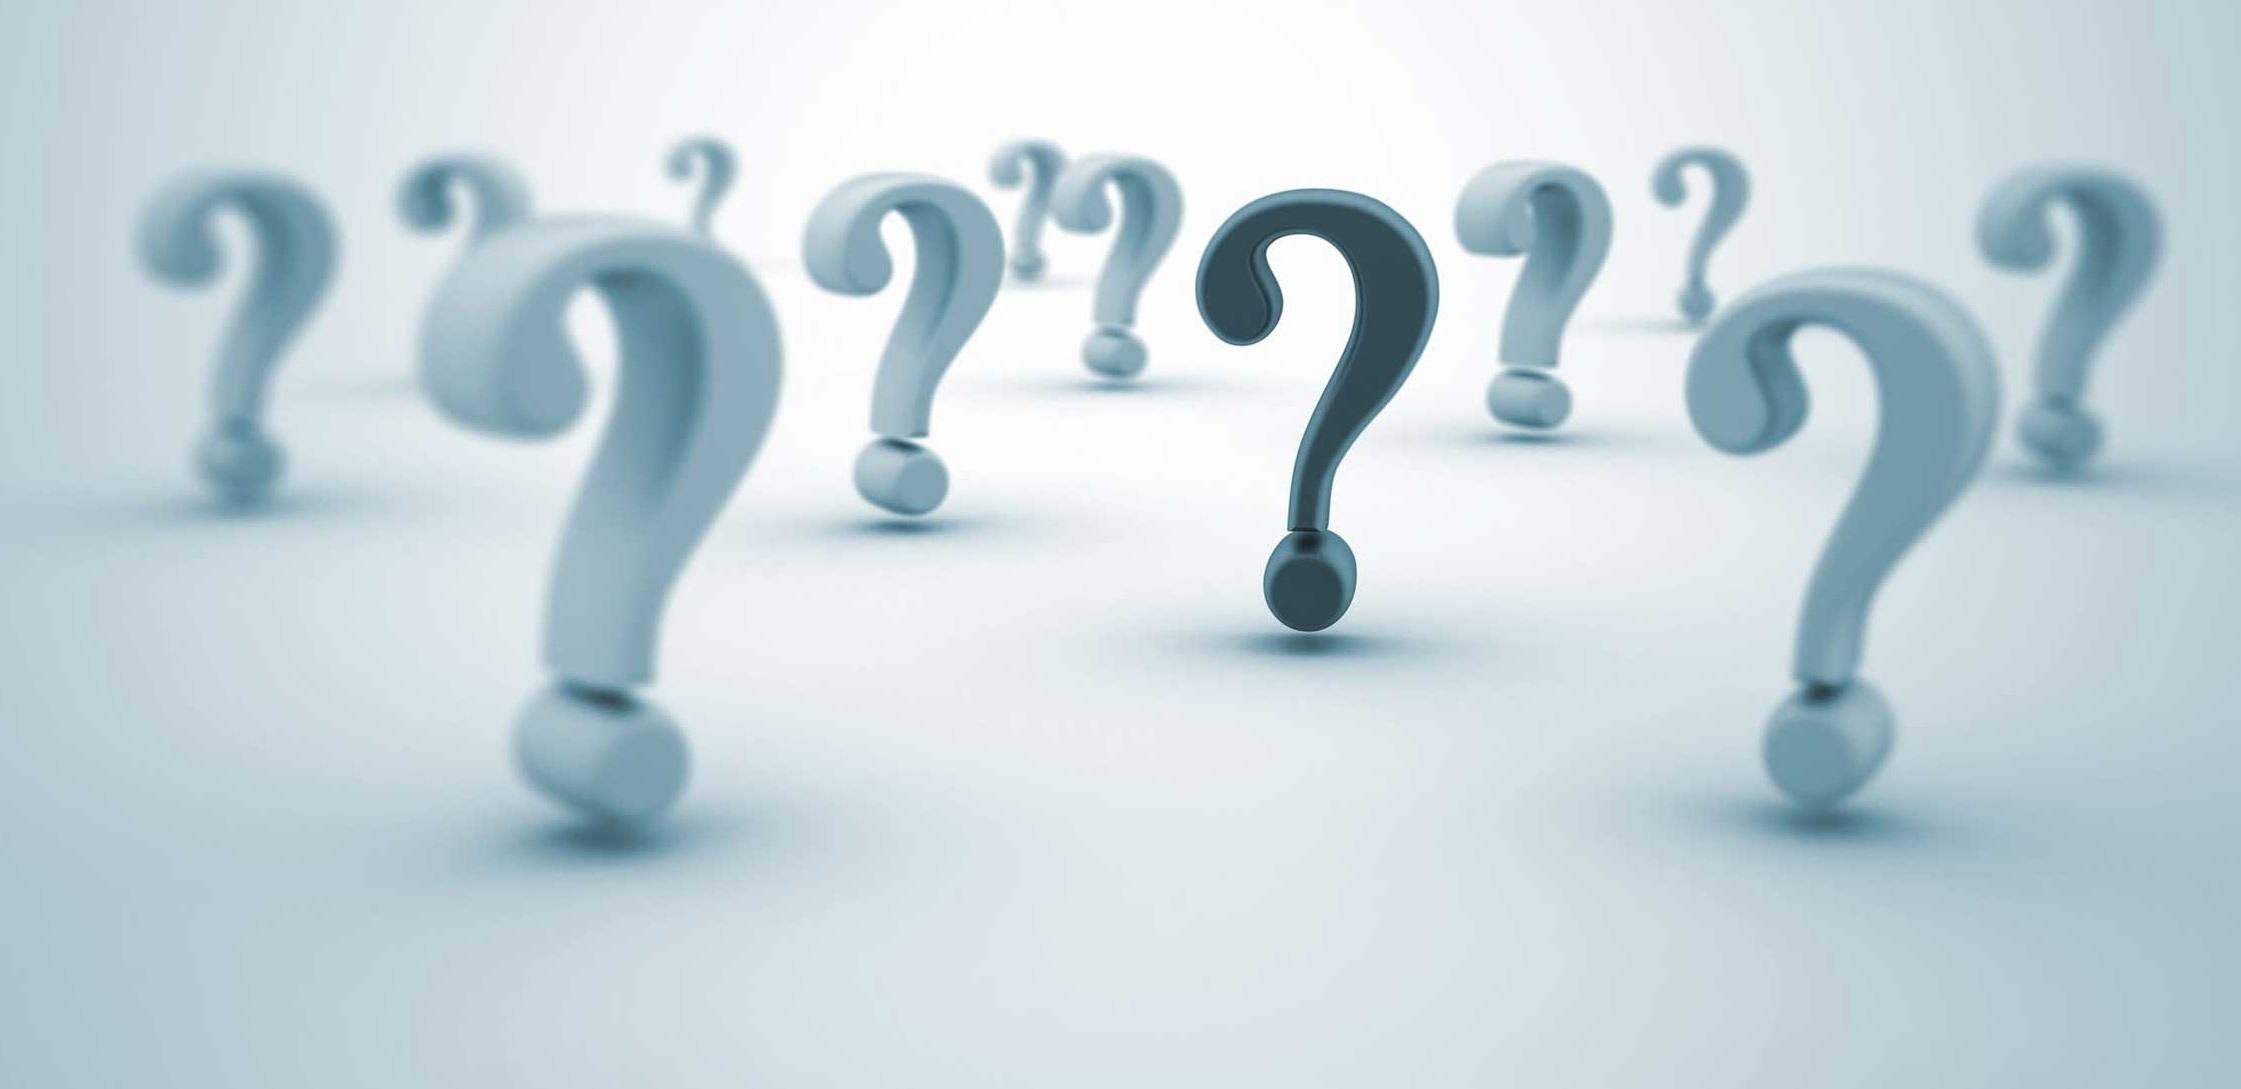 تفسير خمسة أسئلة عشنا طوال حياتنا لا نعرف إجاباتها